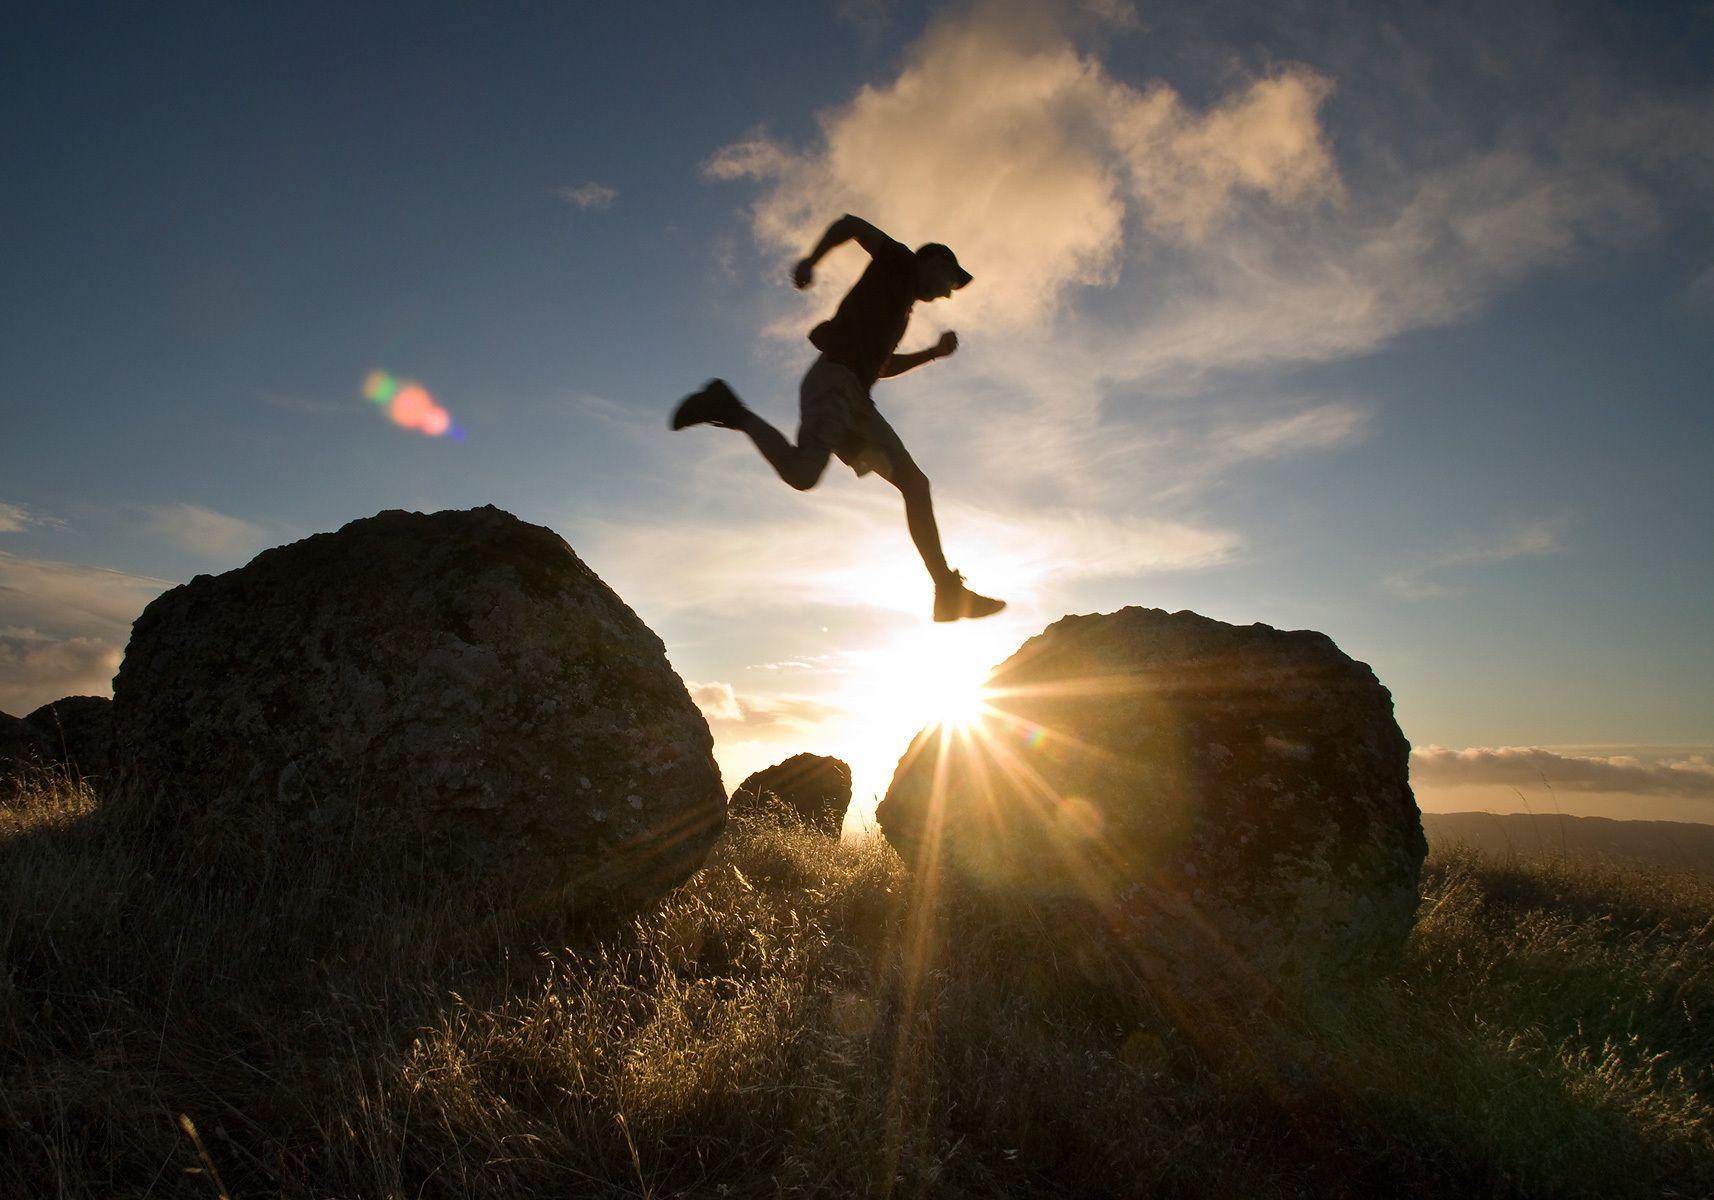 Boulder Hopping, Mt. Tamalpais State Park, CA